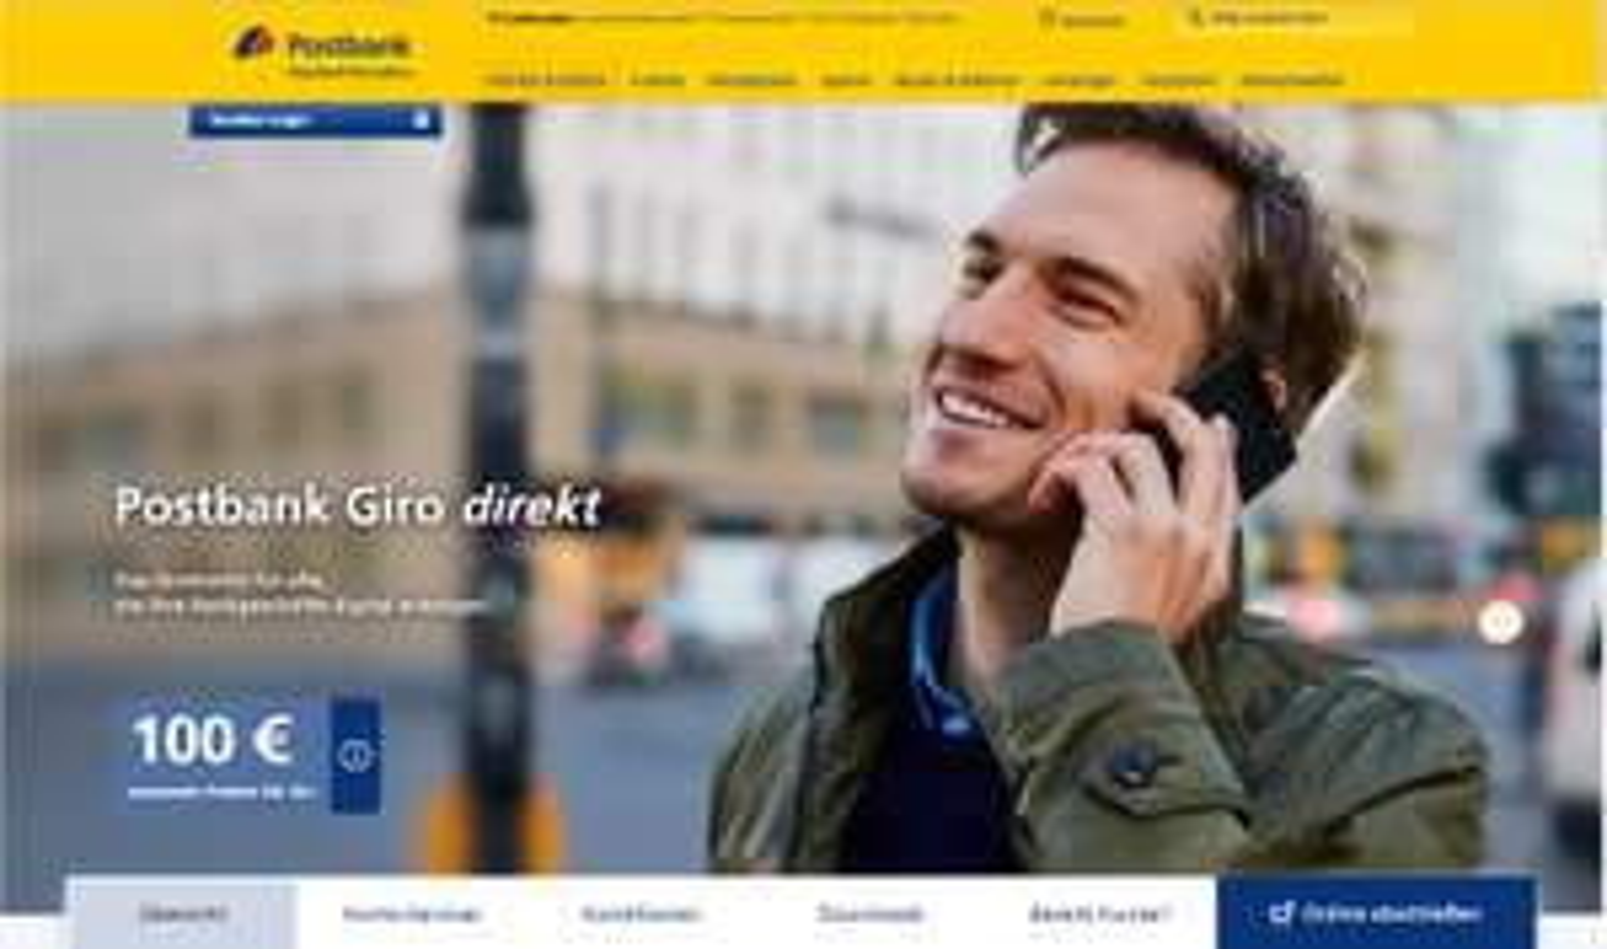 Postbank Giro direkt mit 100€ Prämie und Zalando Gutschein ab 18 Jahre - Kostenlos für Studenten und Azubis